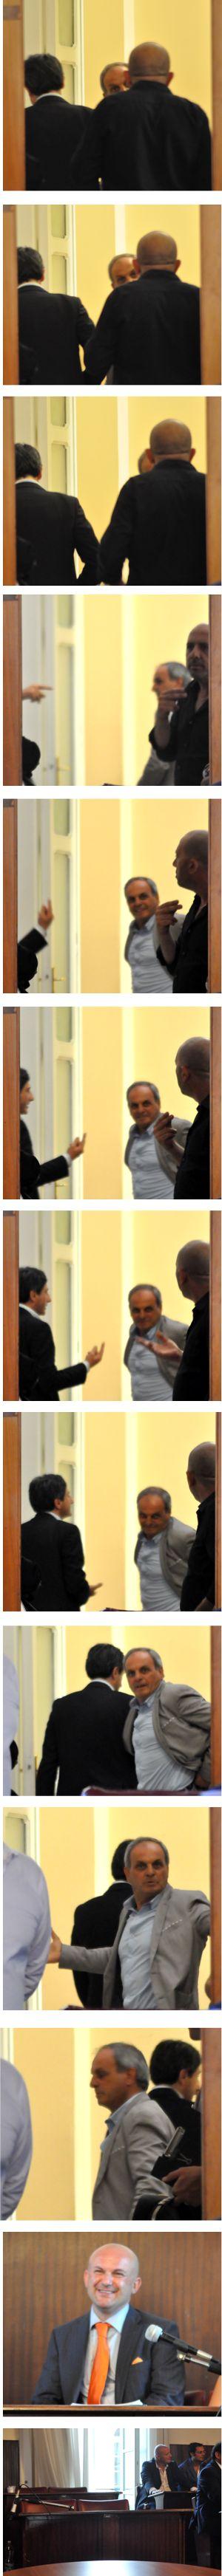 primo consiglio comunale Pompei la fuga dall'aula